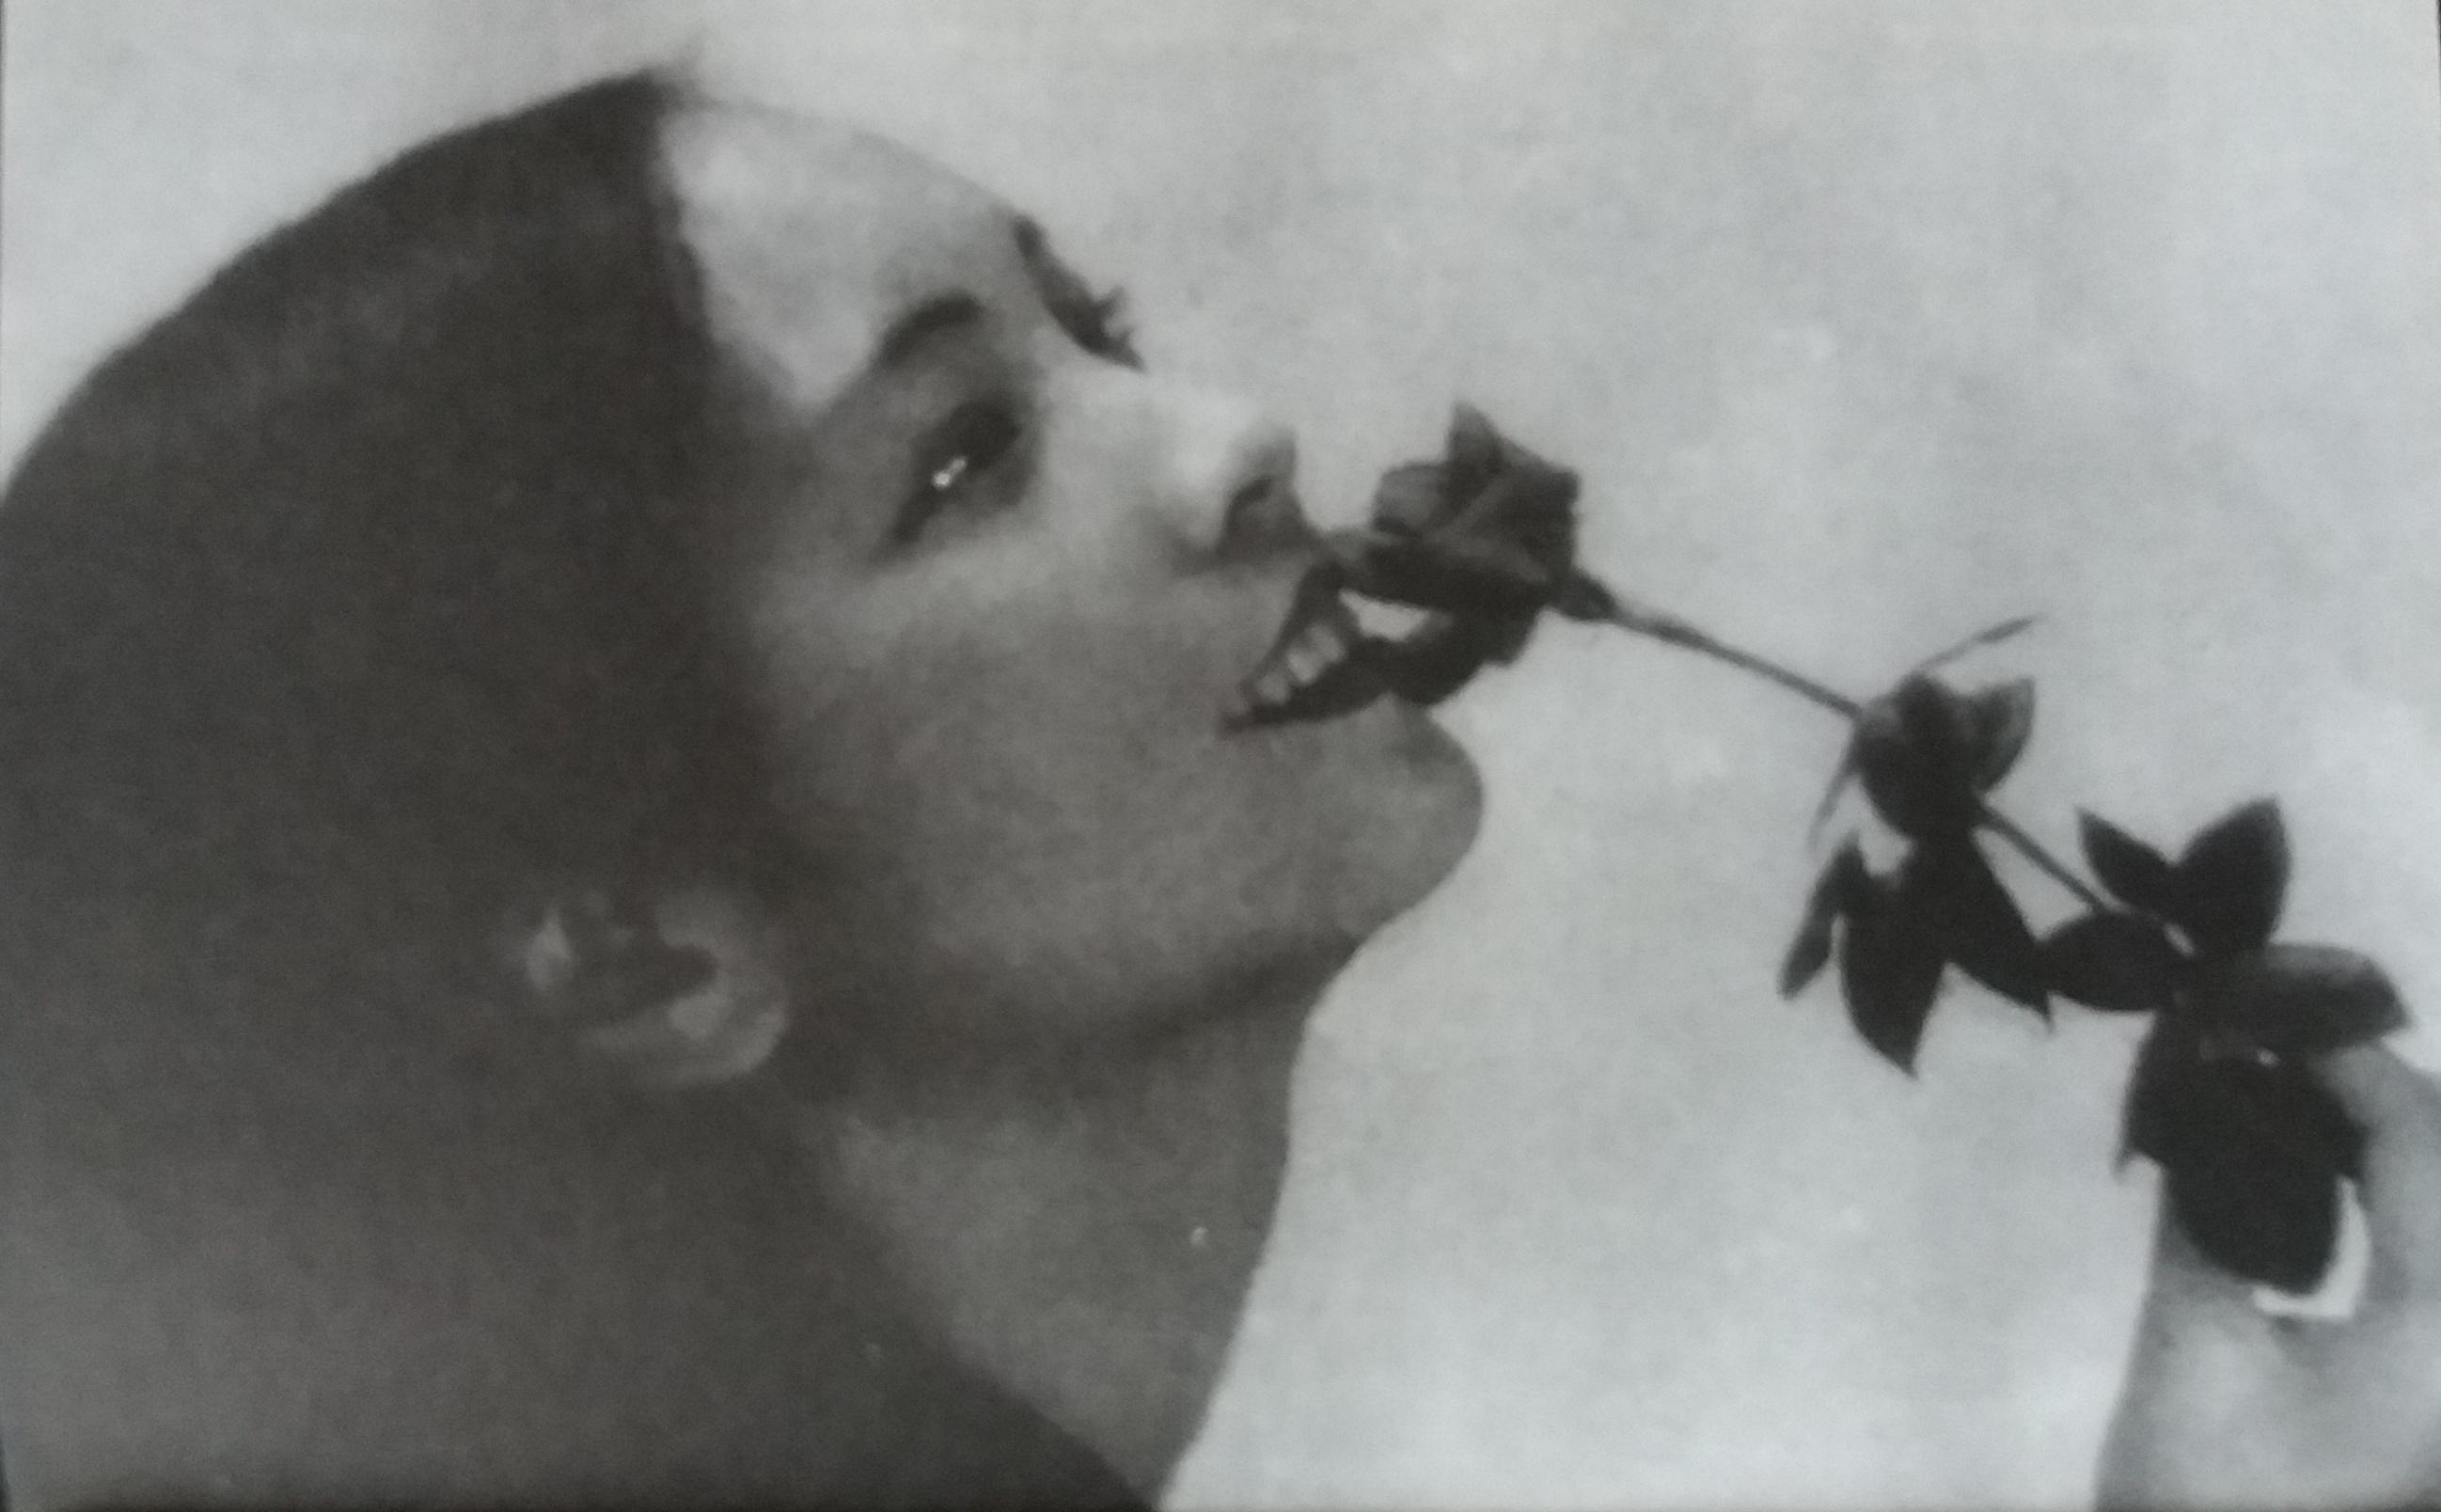 Wang Renmei